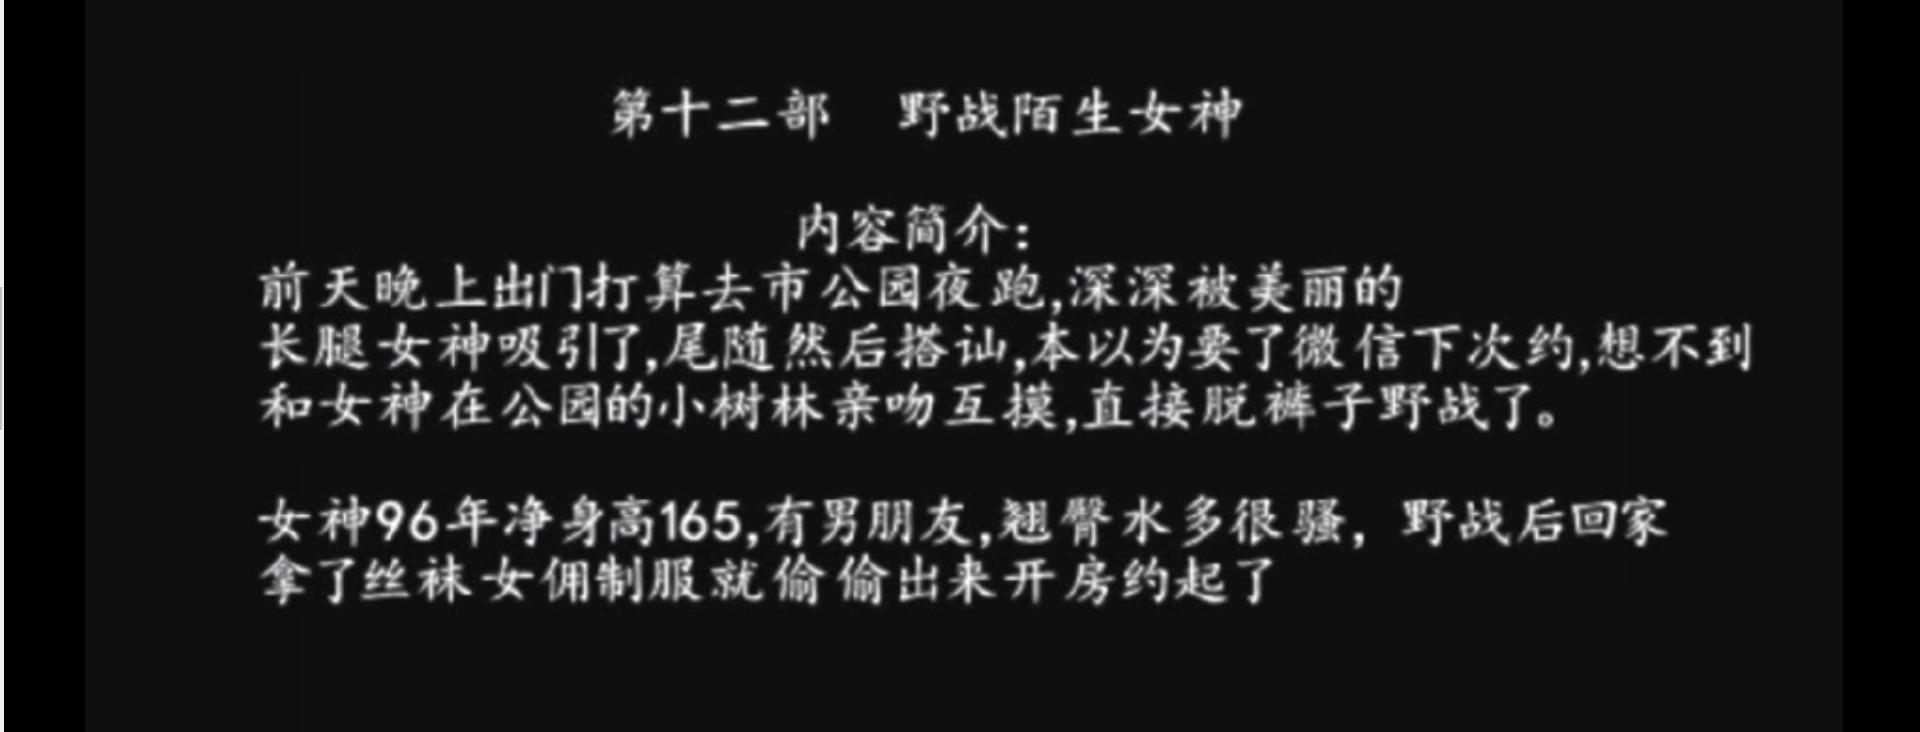 李宗瑞翻版!中國約砲網紅《秦先生》激戰100正妹性愛影片流出!